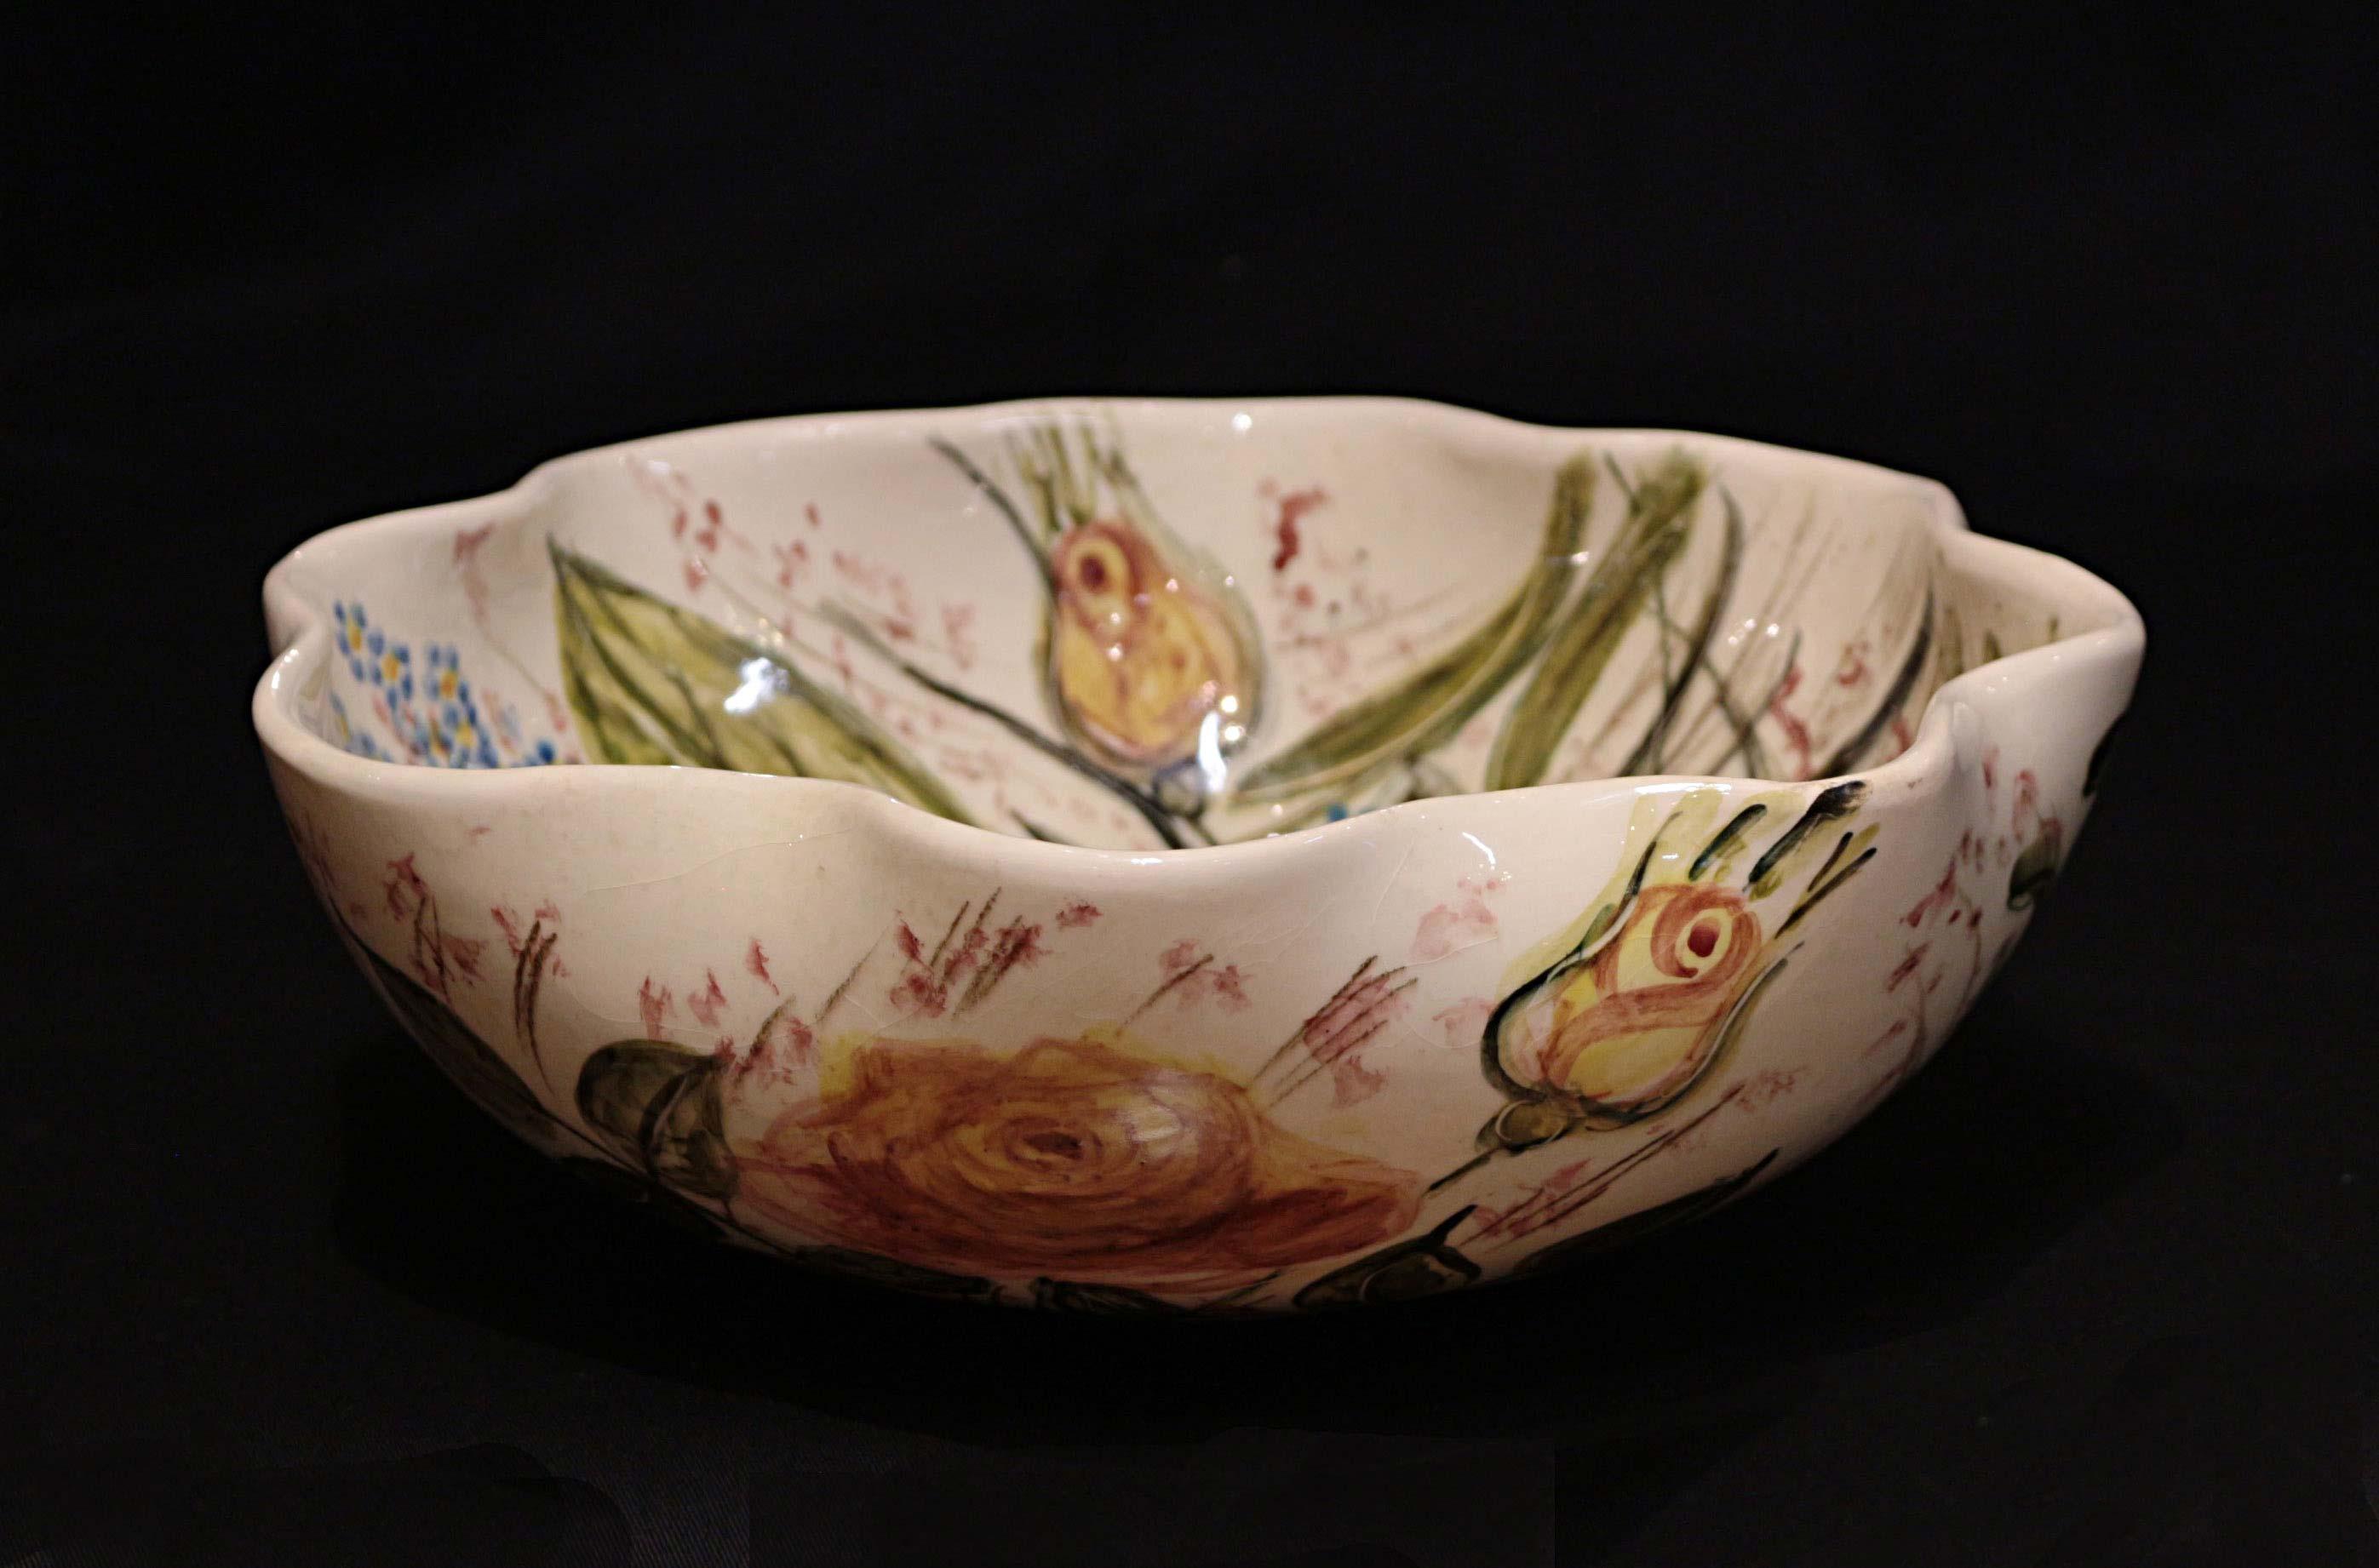 Daisy Ware Australian Pottery Fruit Bowl The Merchant Of